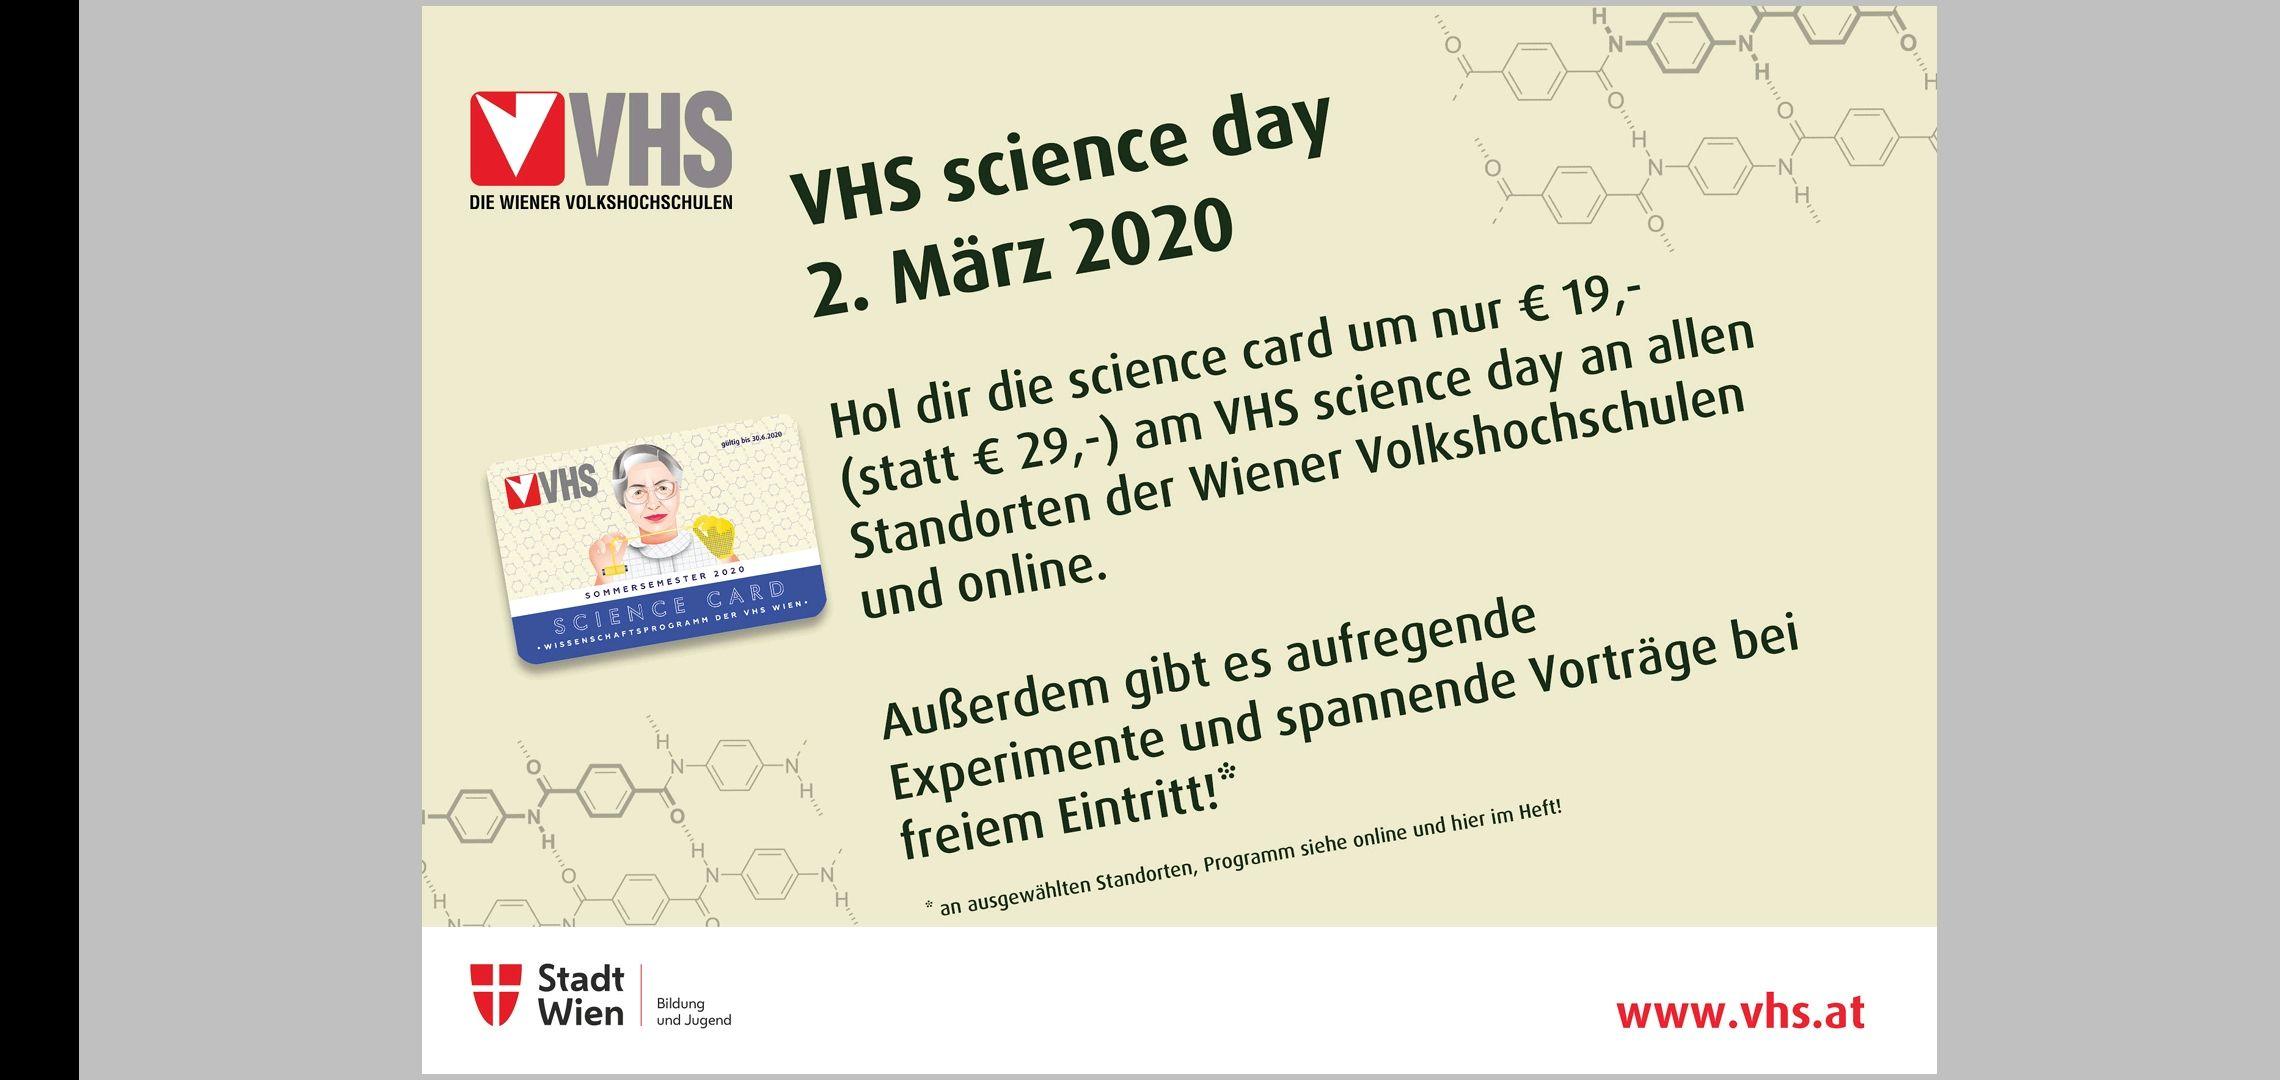 VHS Science Card & gratis Vorträge